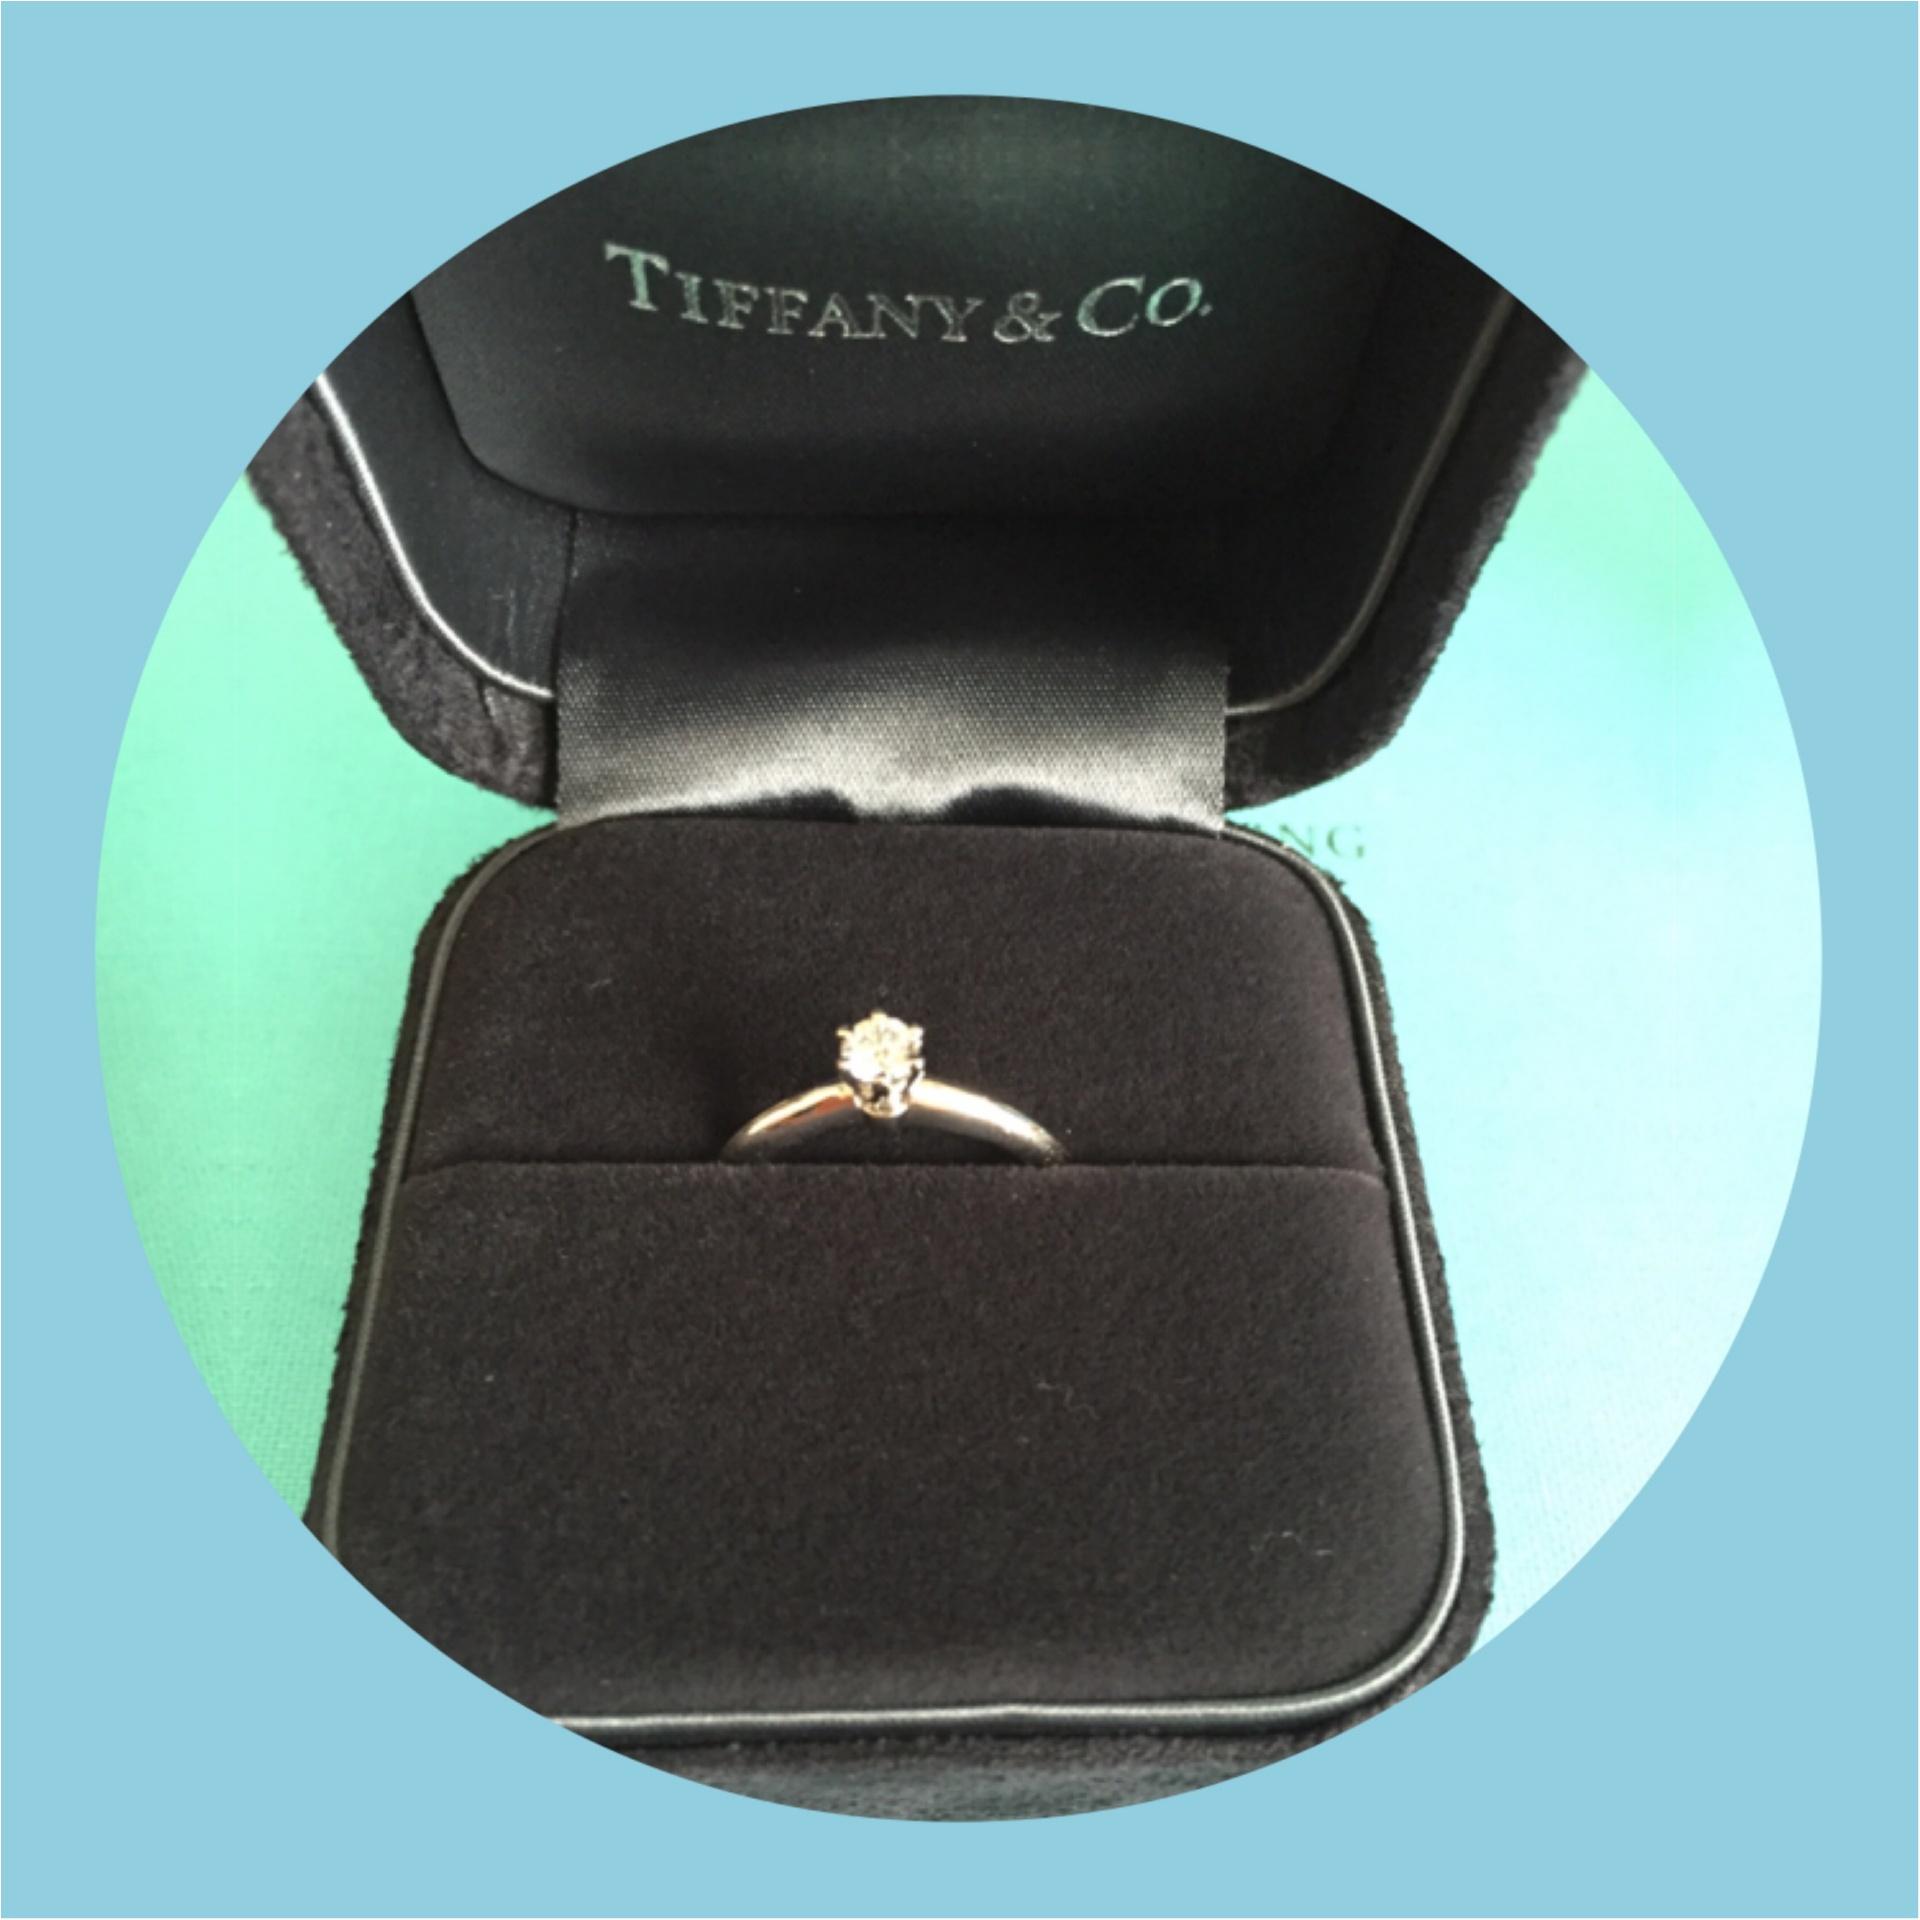 婚約指輪のおすすめブランド特集 - ティファニー、カルティエ、ディオールなどエンゲージリングまとめ_9